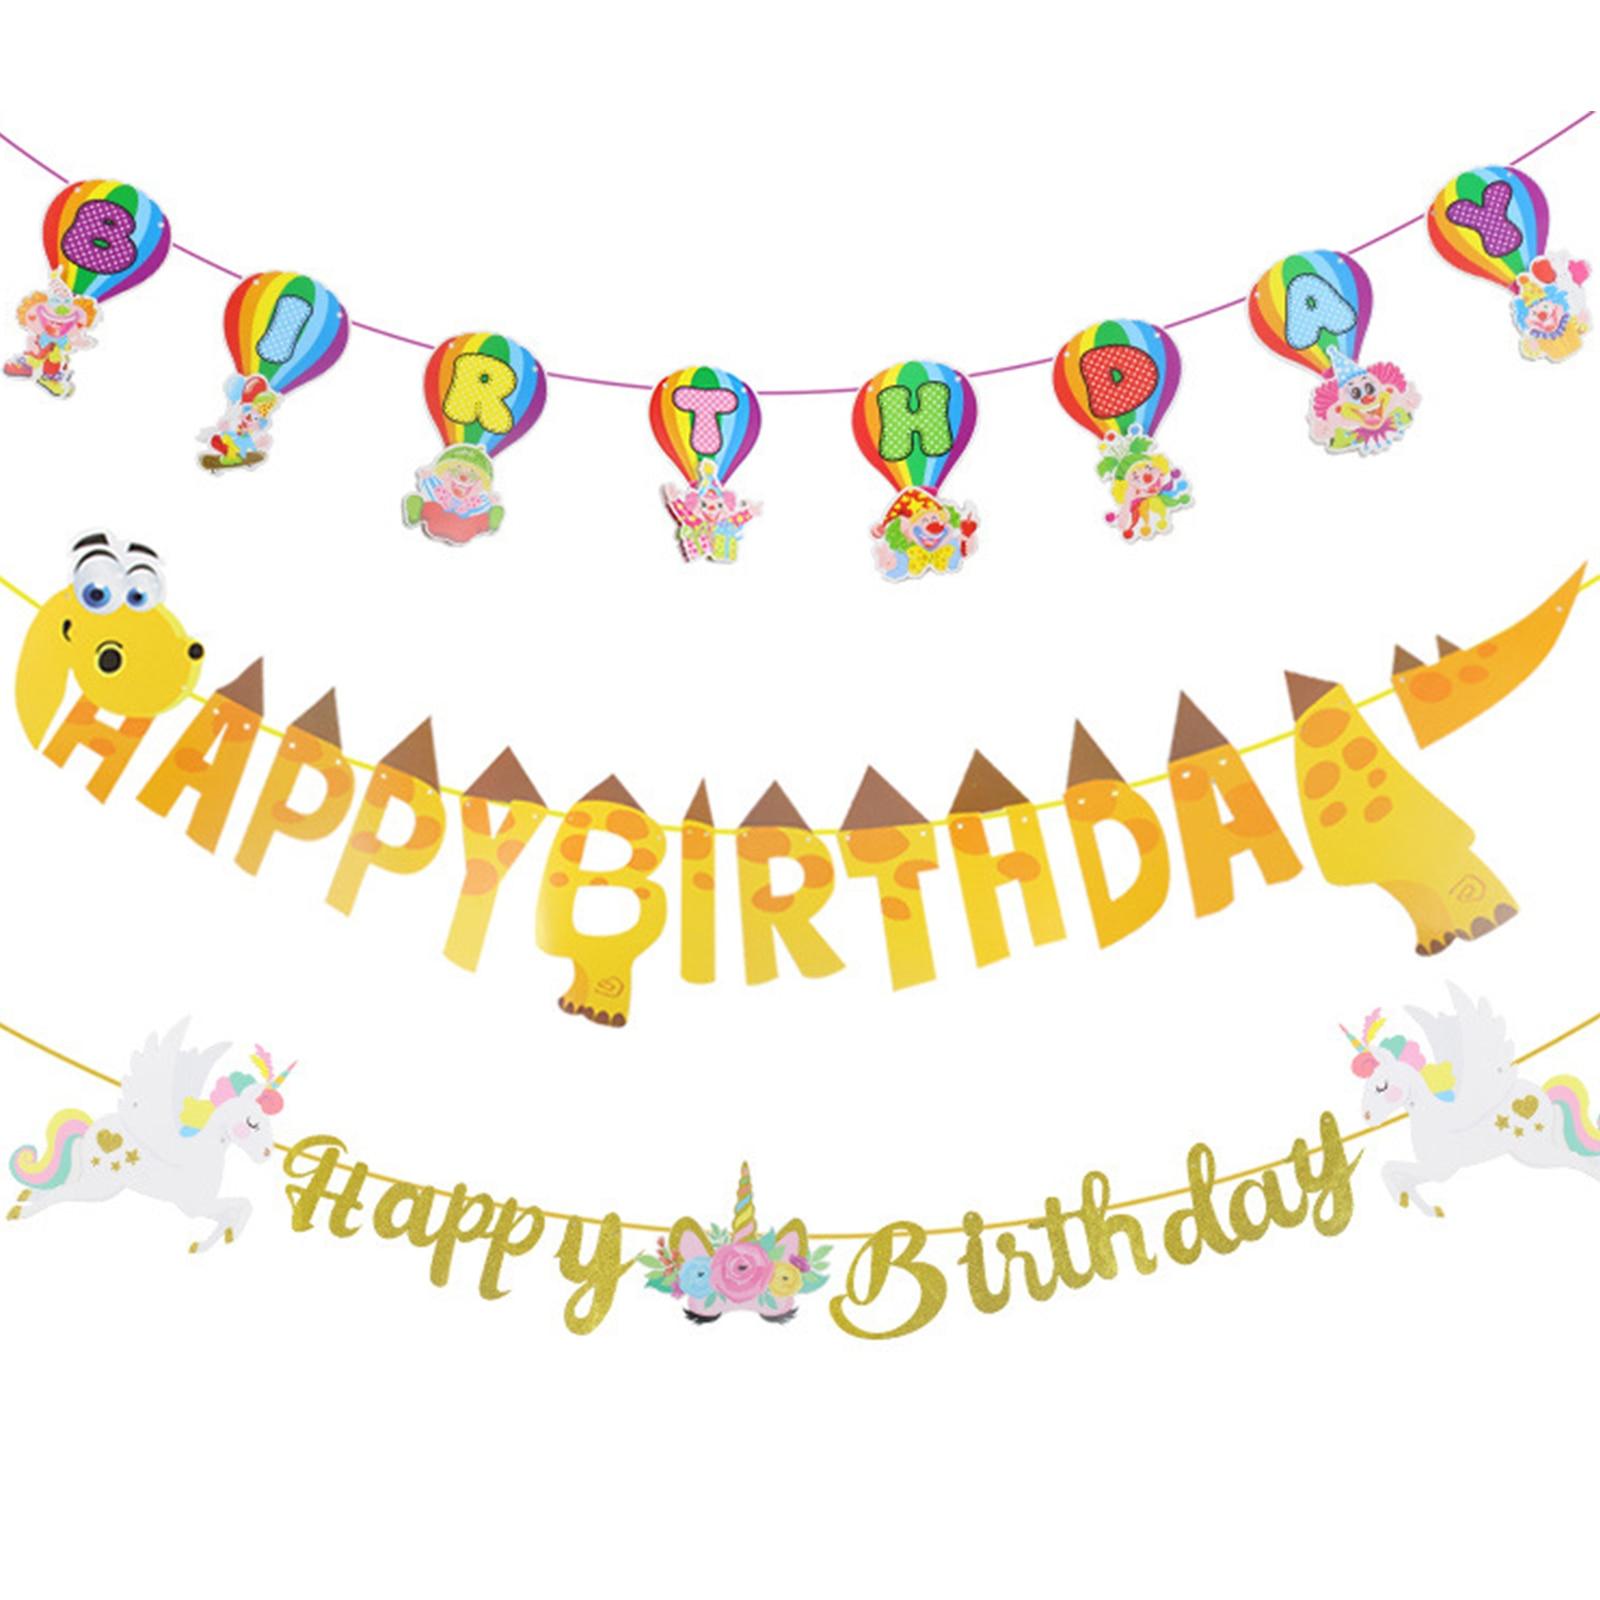 Bébé Animal licorne dinosaure sirène joyeux anniversaire banderoles bannière guirlande drapeau bébé douche anniversaire fête approvisionnement enfants faveur